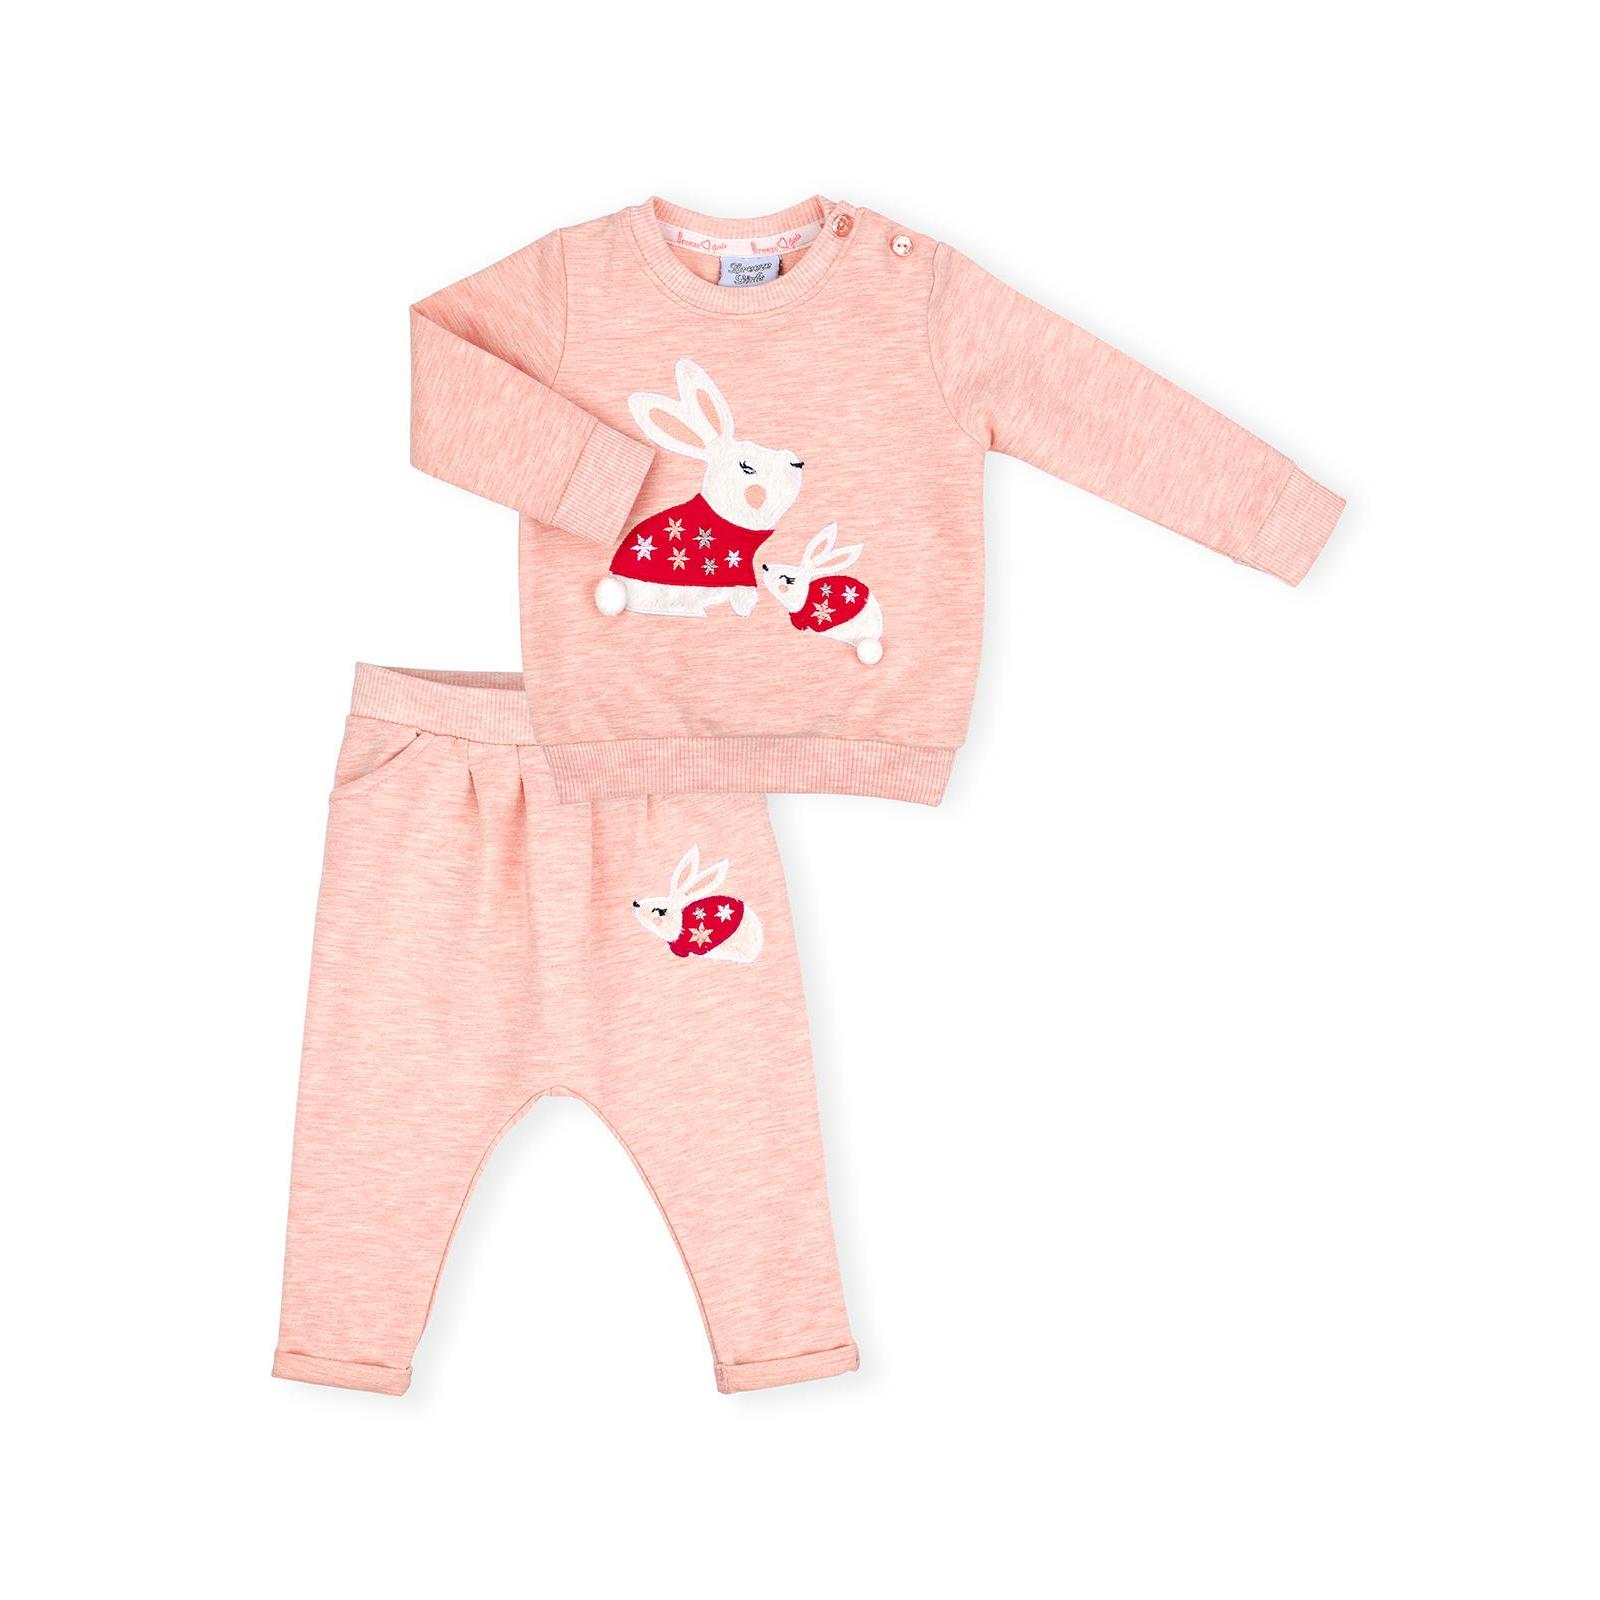 Набор детской одежды Breeze с зайчиками (10214-80G-peach)